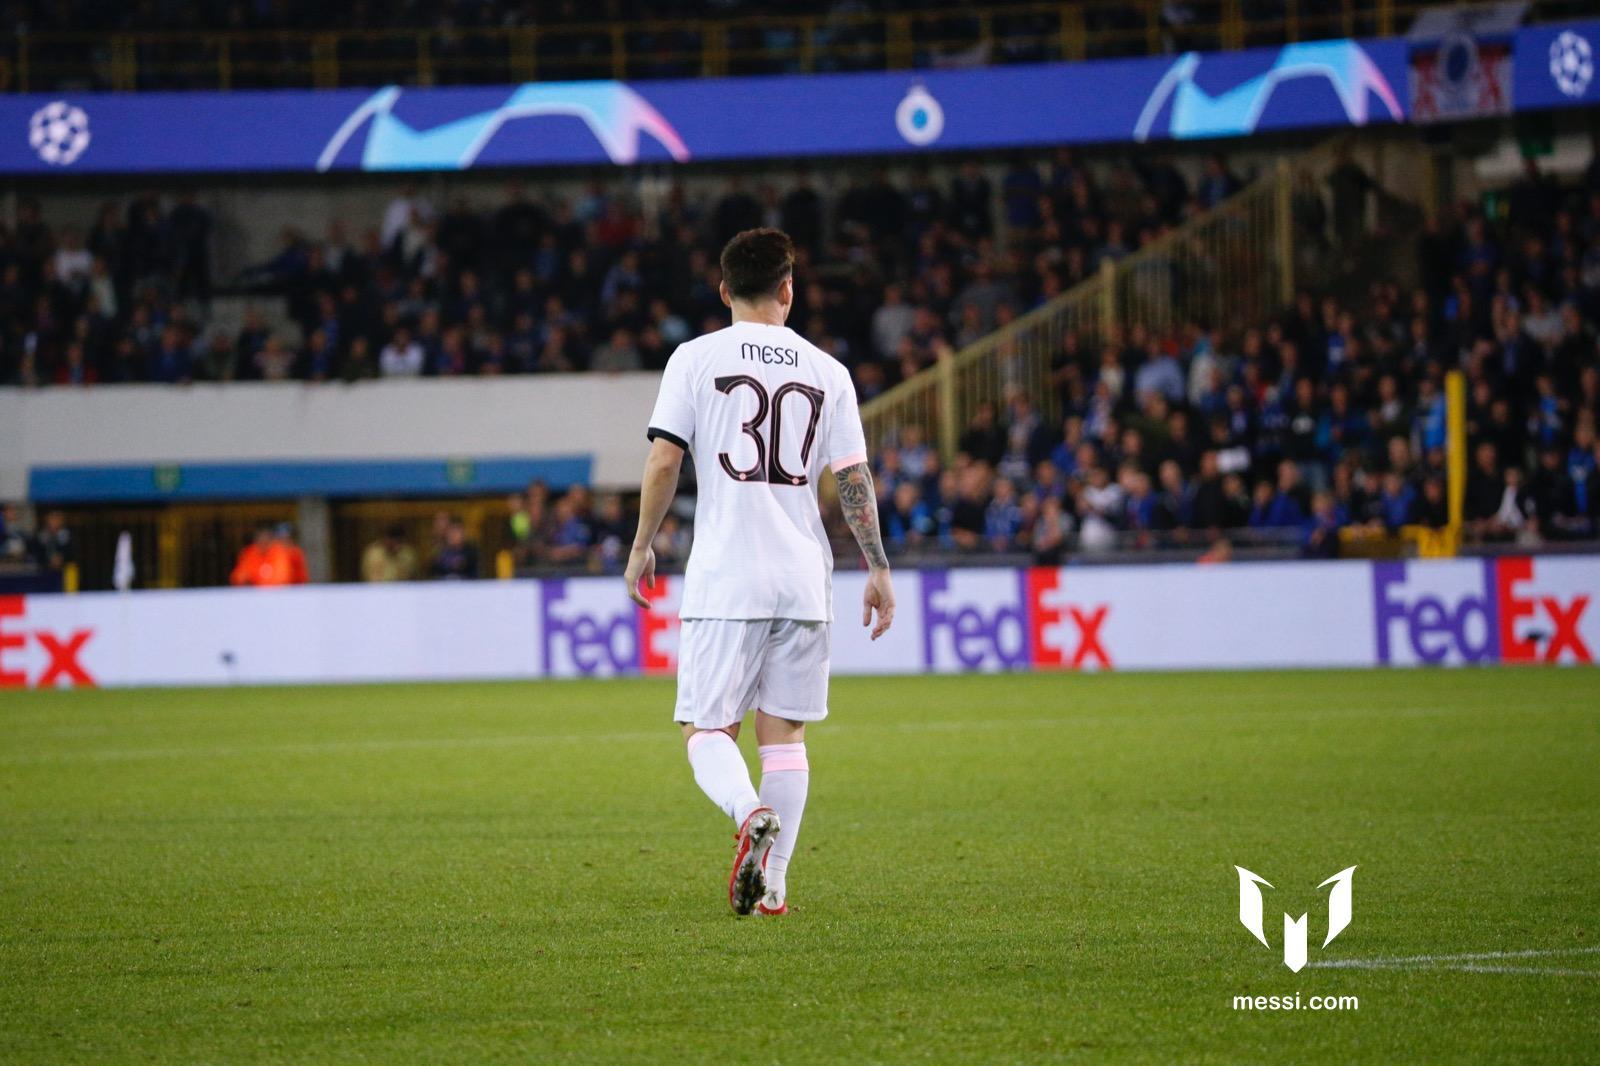 Lần ra sân thứ 150 của Messi tại CHAMPIONS LEAGUE